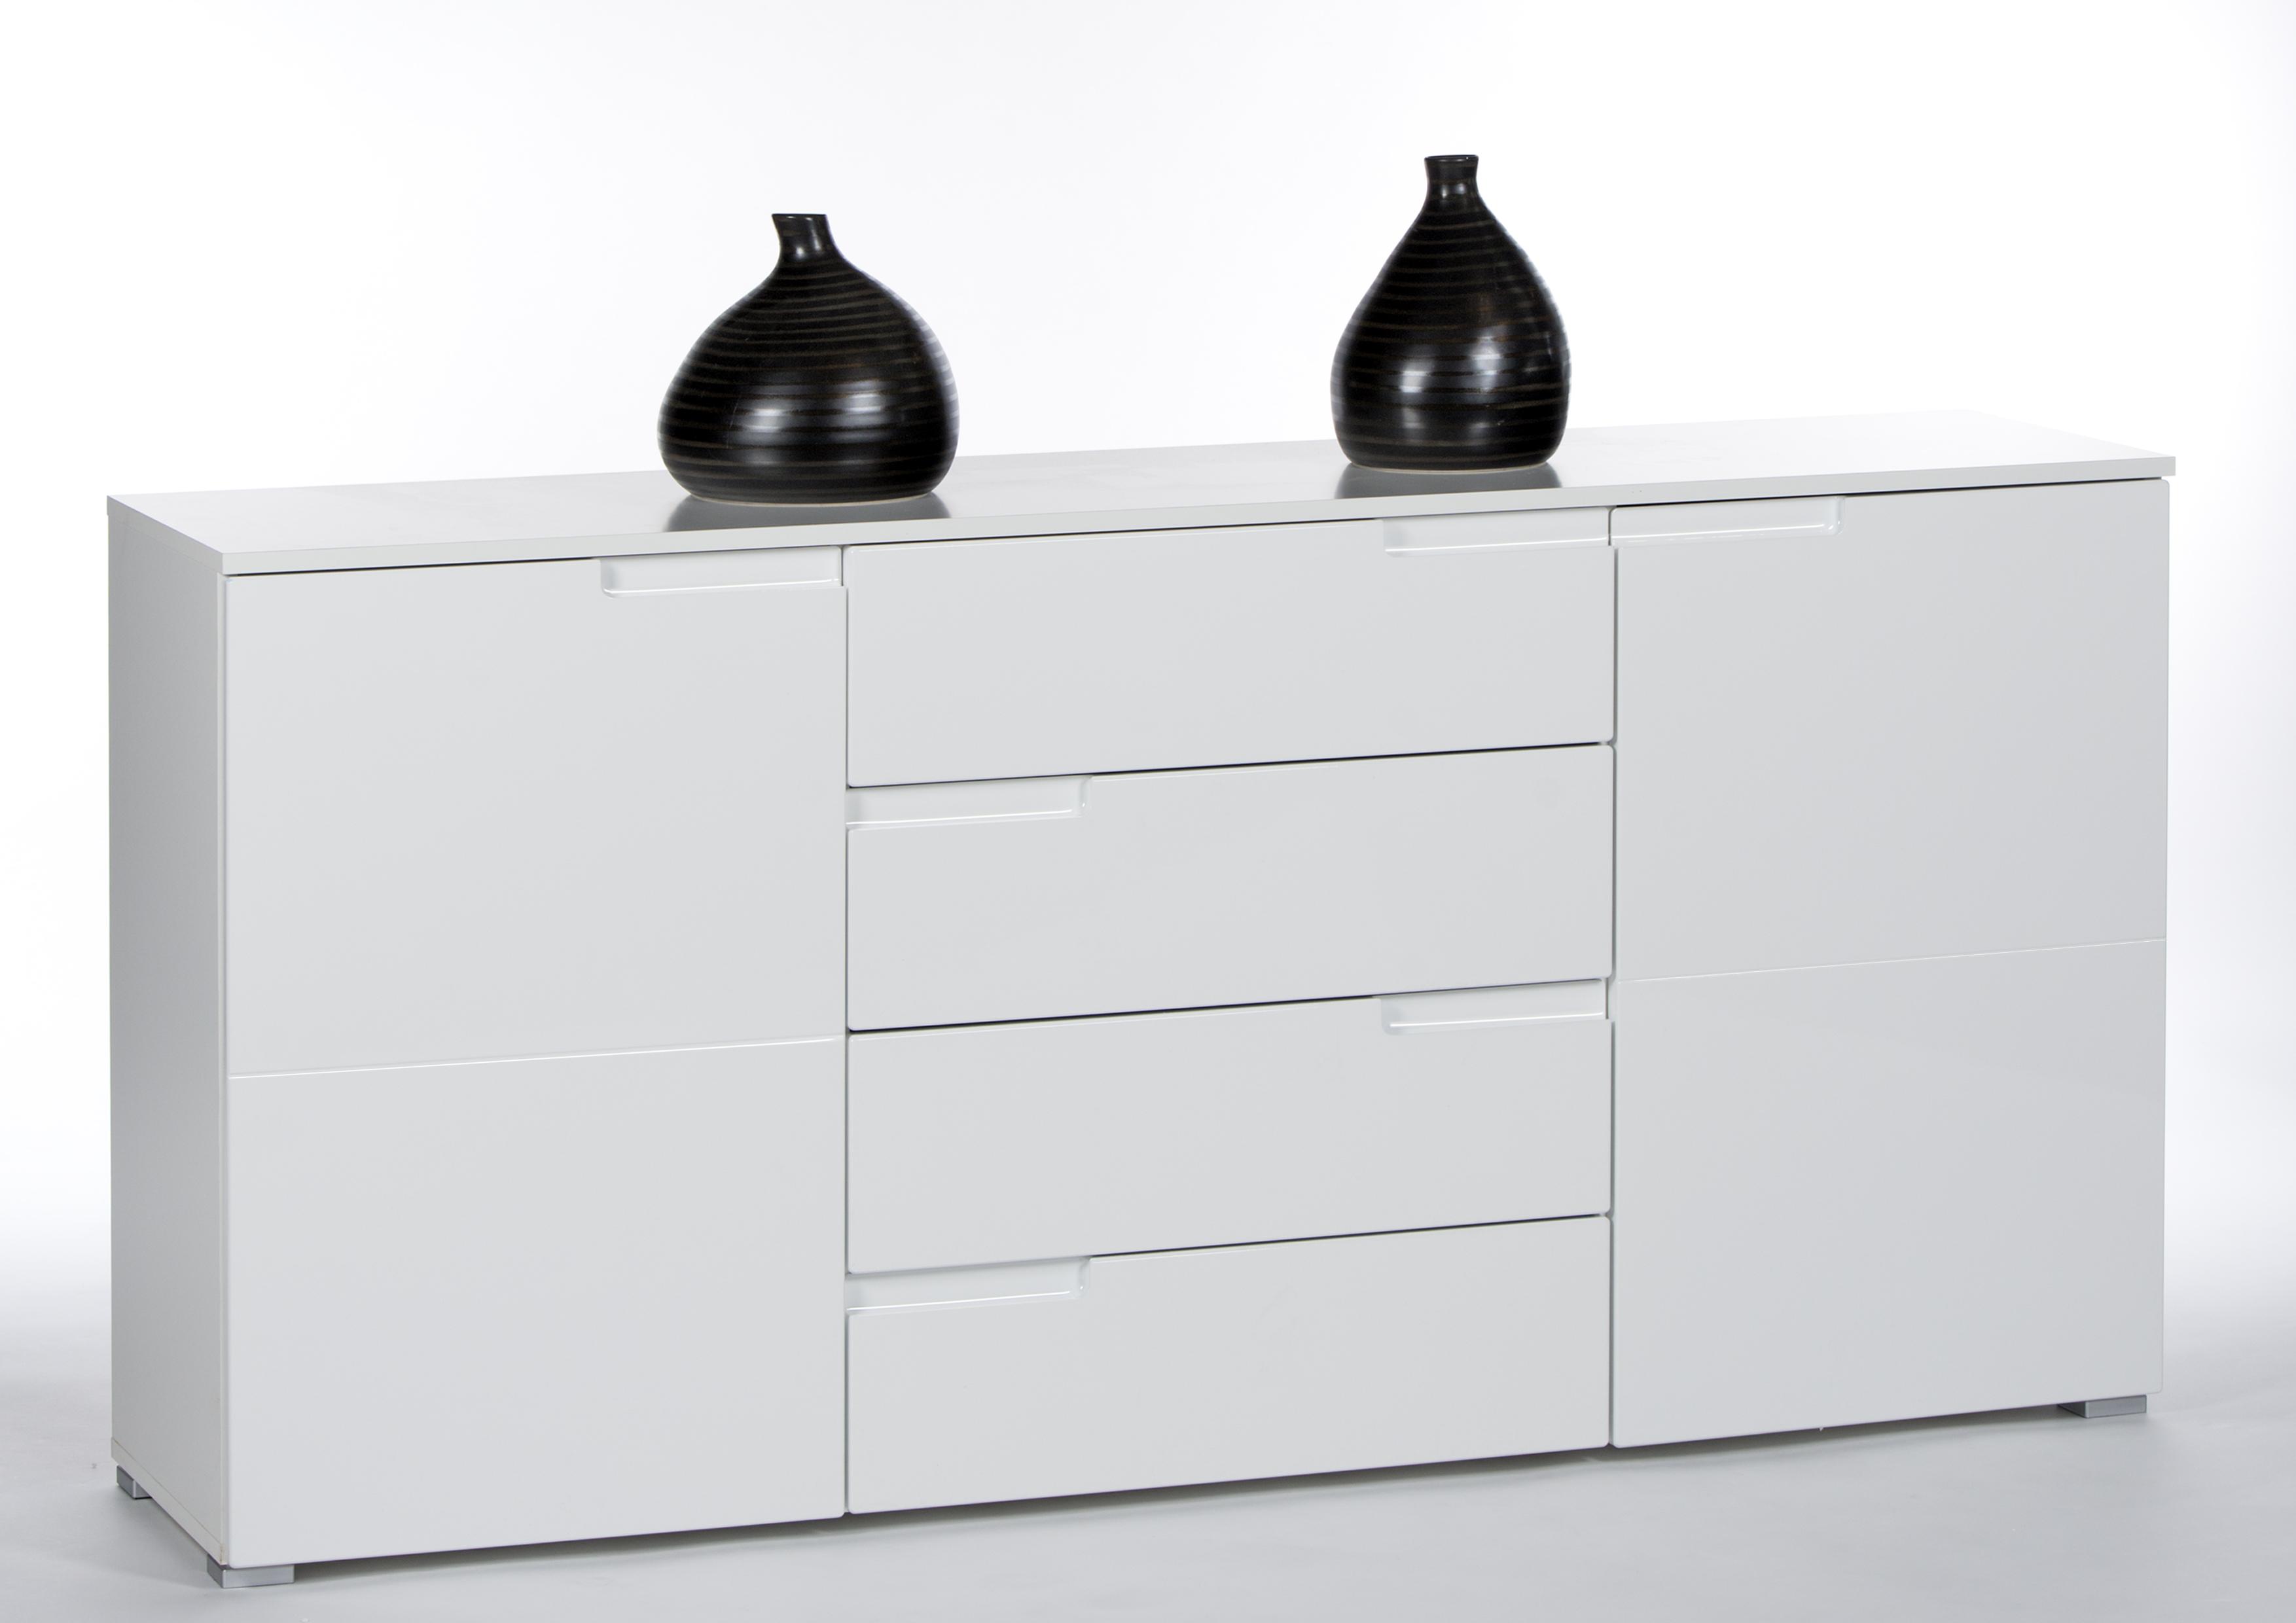 sideboard weiss hochglanz mit 2 t ren und 4 schubk sten. Black Bedroom Furniture Sets. Home Design Ideas